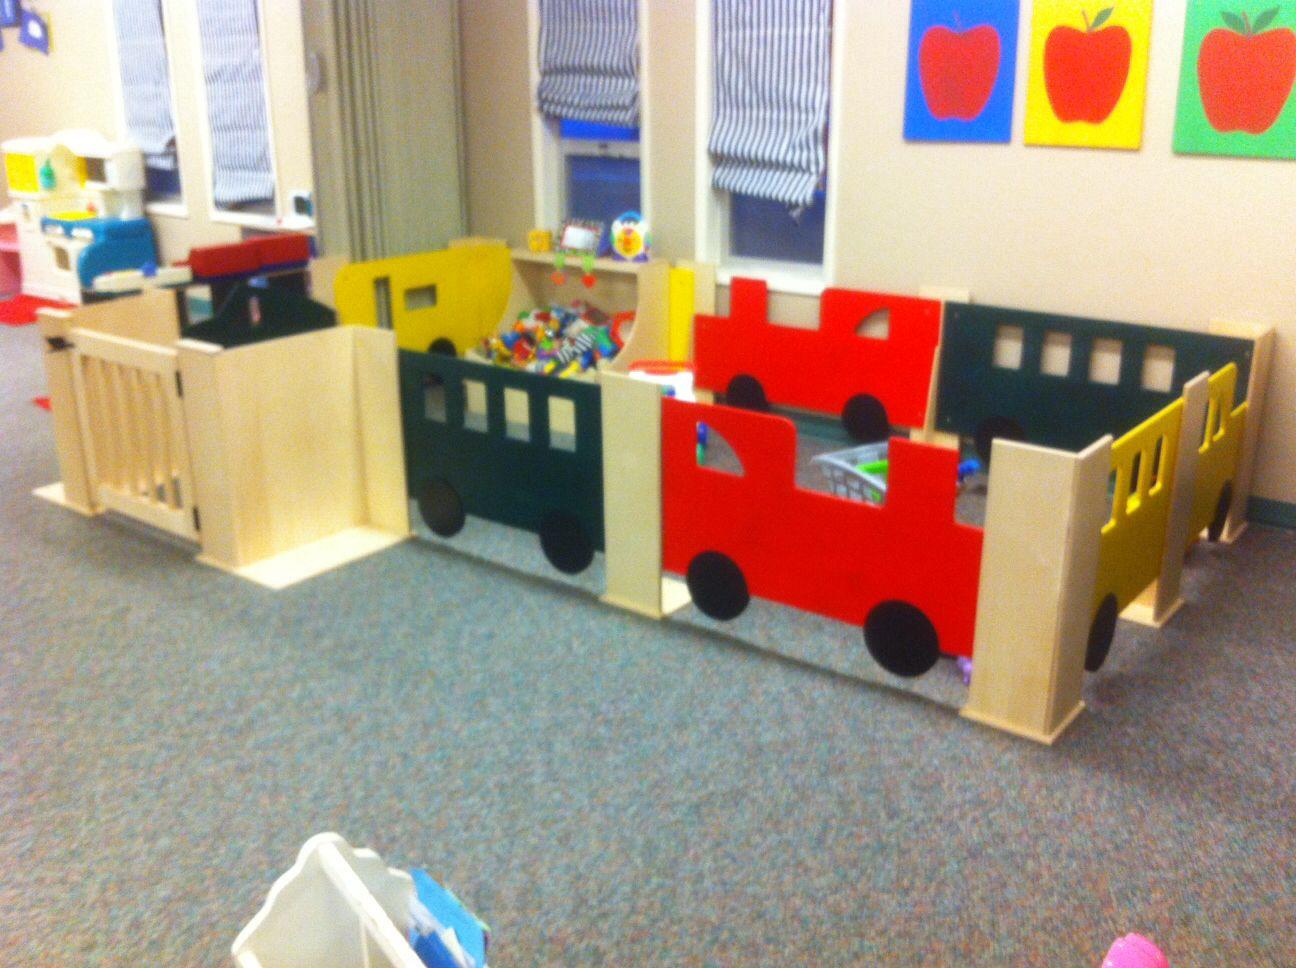 Baby Play Area Espace De Motricitc 0 2 Ans Salle Motricitc Exemples D